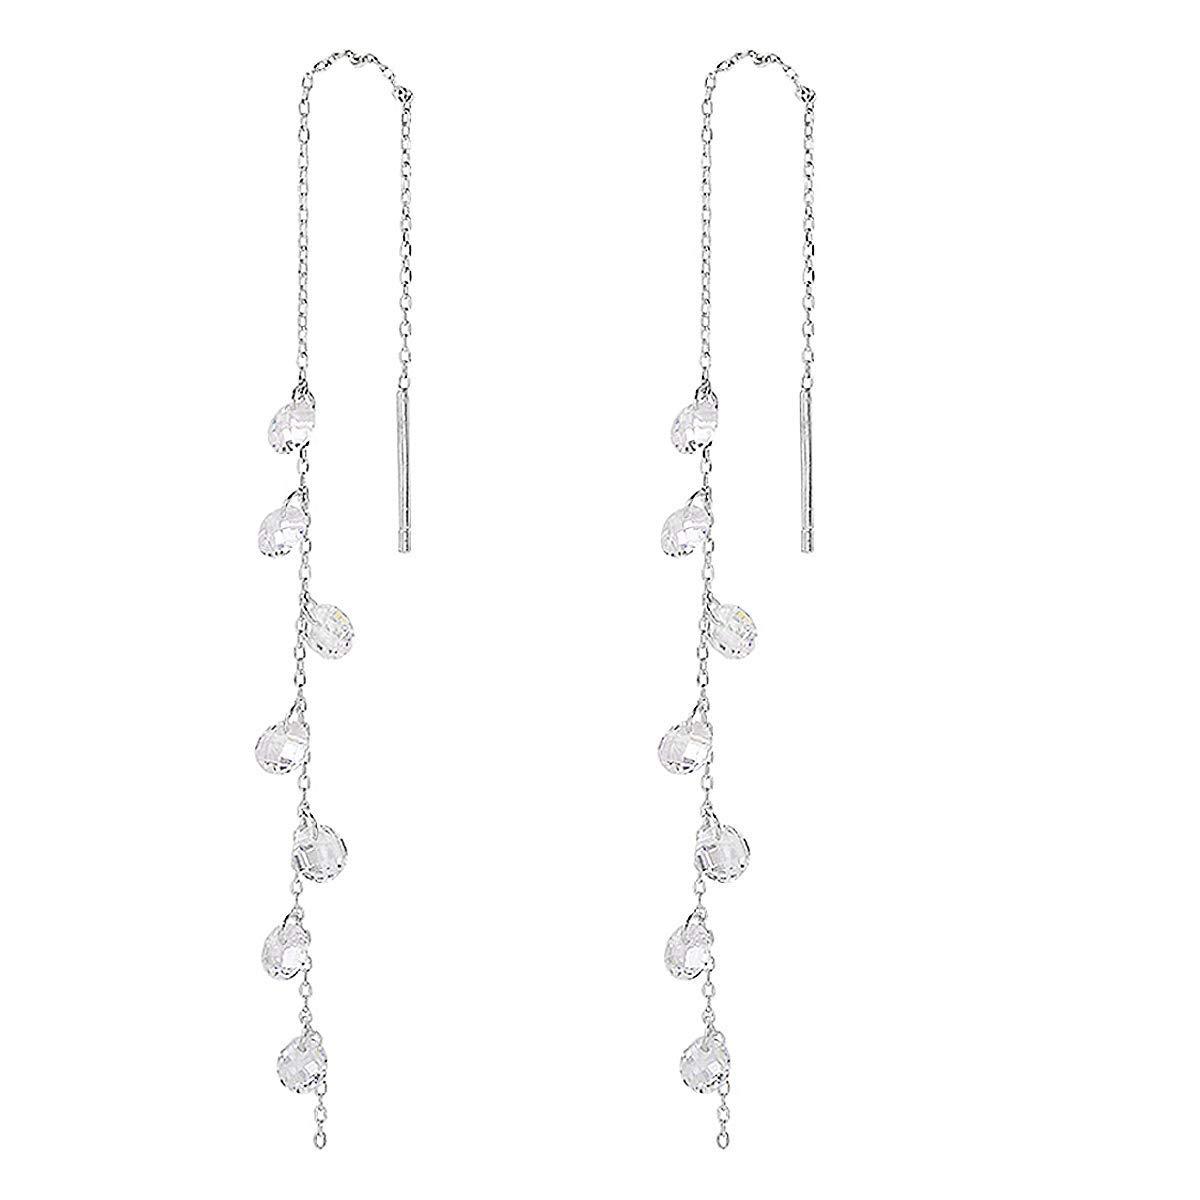 925 Sterling Silver Tassel Drop Earrings Long CZ Droplet Dangle Threader Earrings for Women